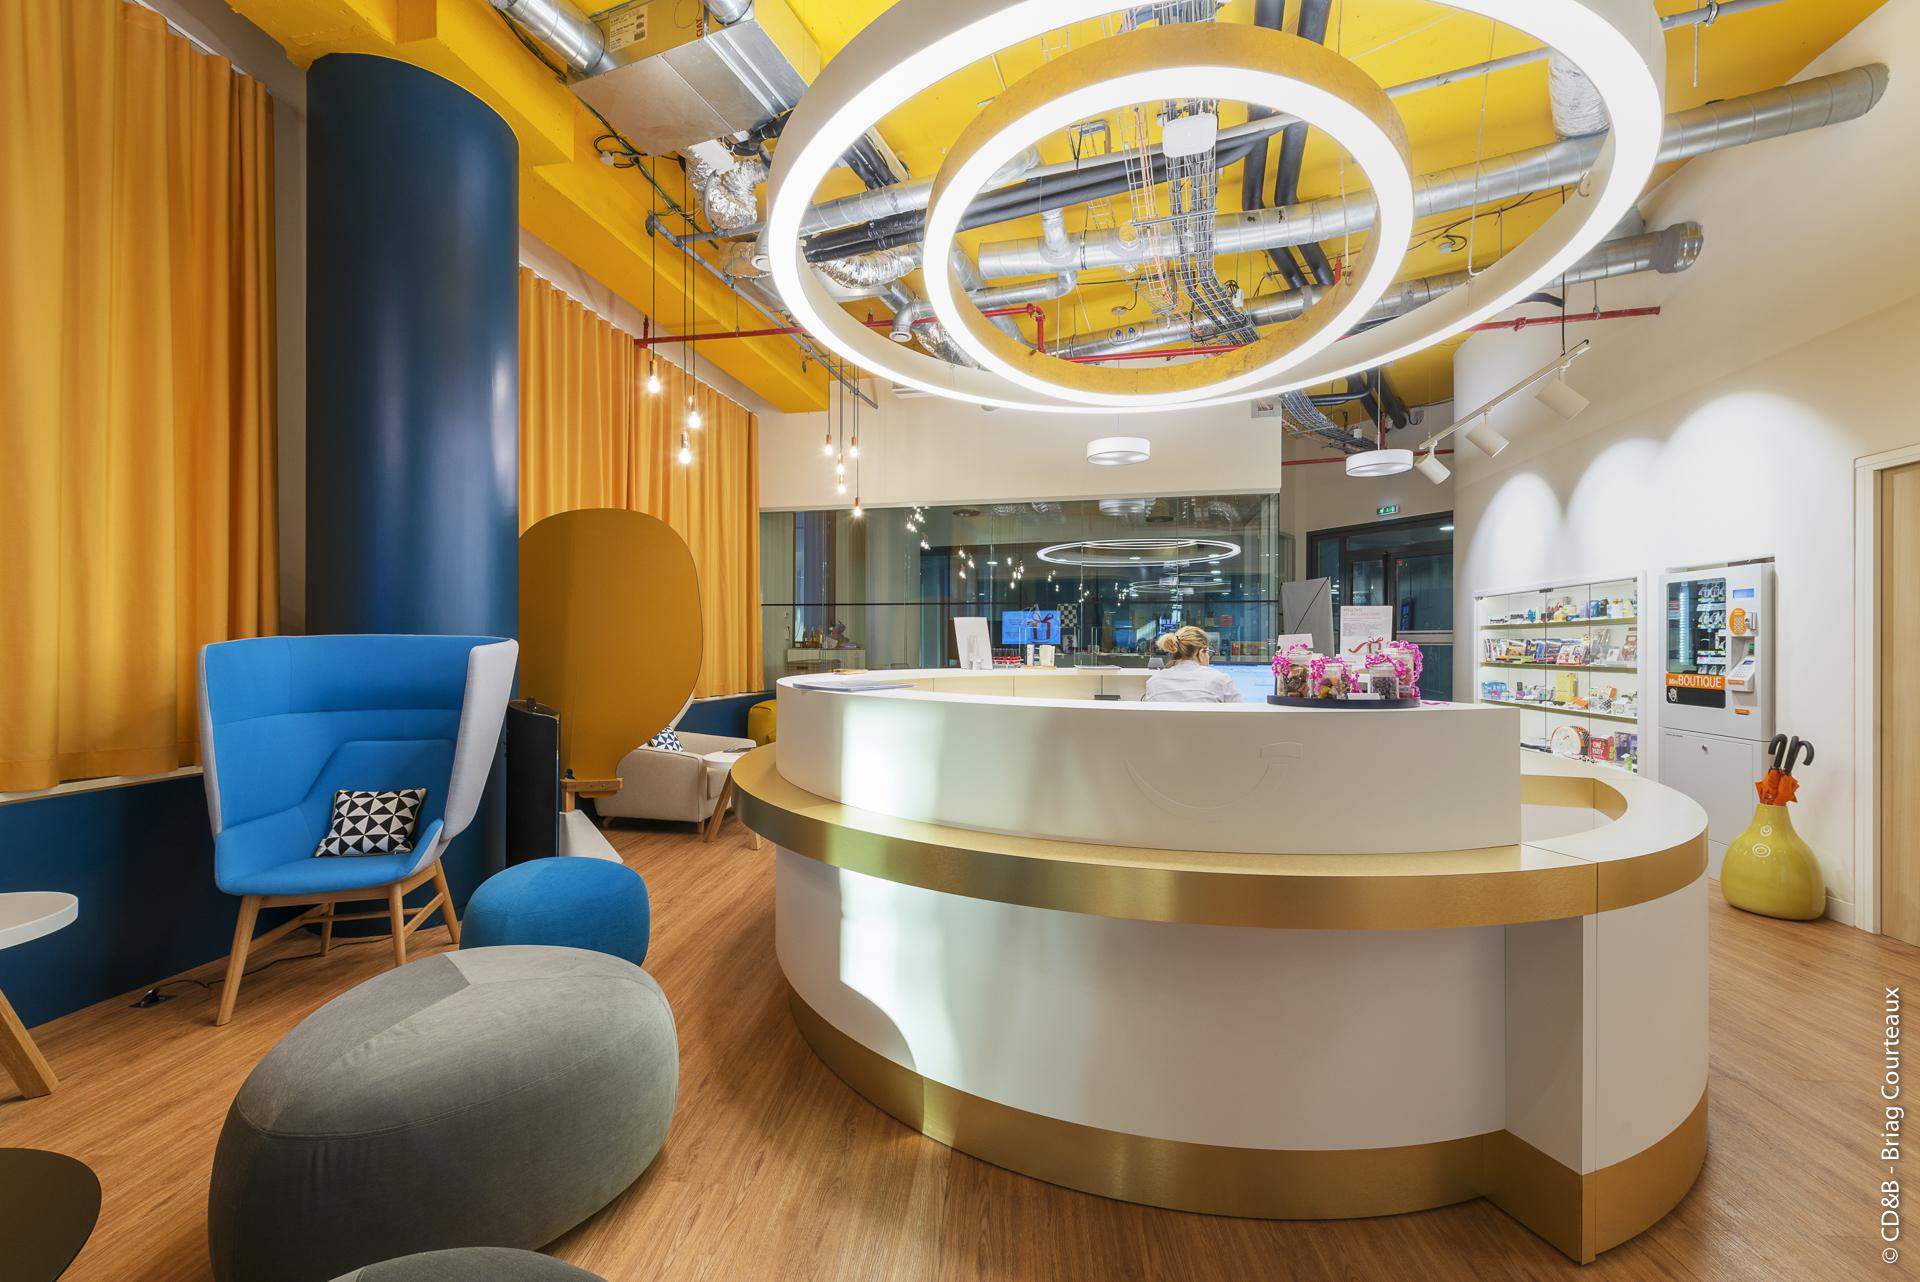 Conseil, aménagement, conception et réalisation des espaces de travail chez Groupe Accor par CDB, Meet you there.